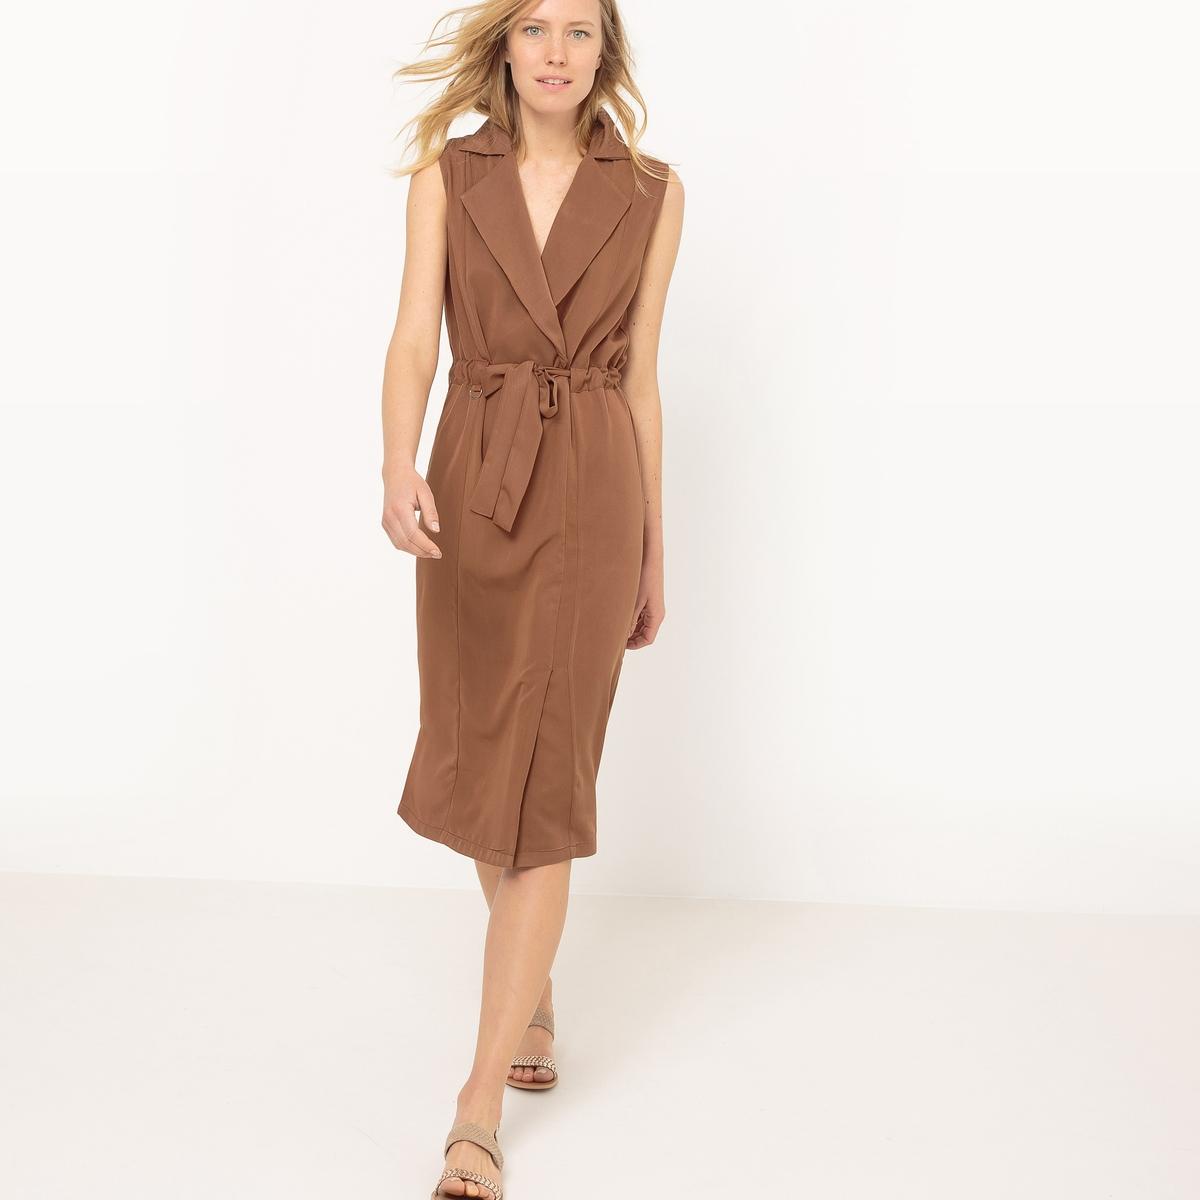 Платье-сафари на поясеМатериал : 80% вискозы, 20% полиэстера       Длина рукава : без рукавов       Форма воротника : воротник-поло, рубашечный      Покрой платья : расклешенное платье      Рисунок : однотонная модель       Особенность платья : с поясом      Длина платья : 110 см.      Стирка : машинная стирка при 40 °С      Уход : сухая чистка и отбеливание запрещены      Машинная сушка : в умеренном режиме      Глажка : при умеренной температуре<br><br>Цвет: каштановый